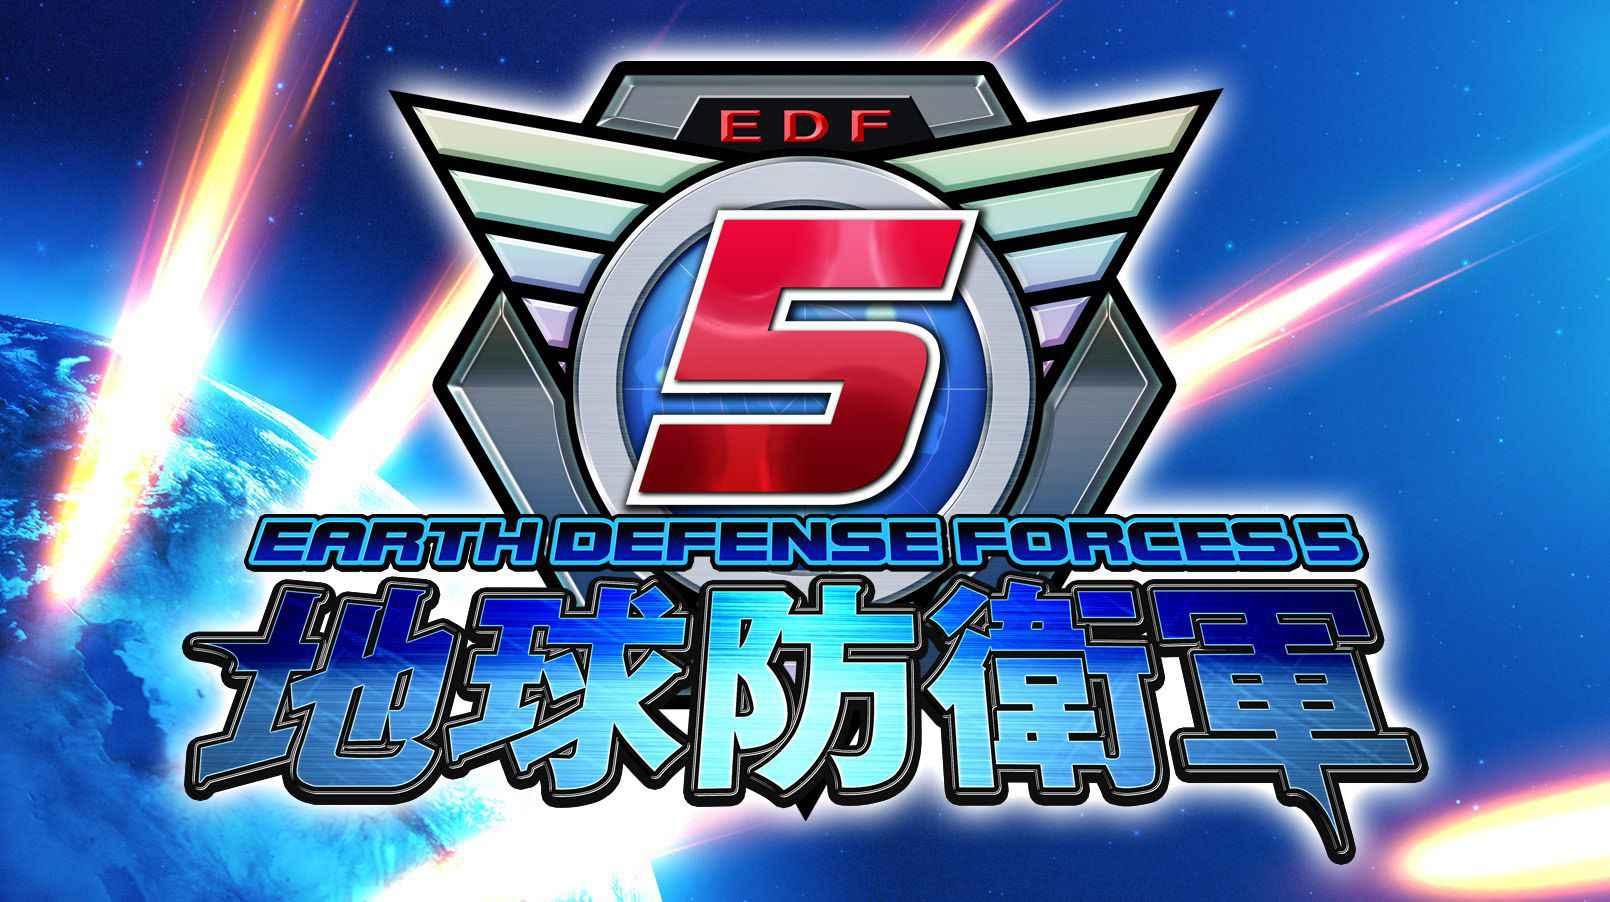 【地球防衛軍5攻略】難しい、最難関ミッションってなんだろう?